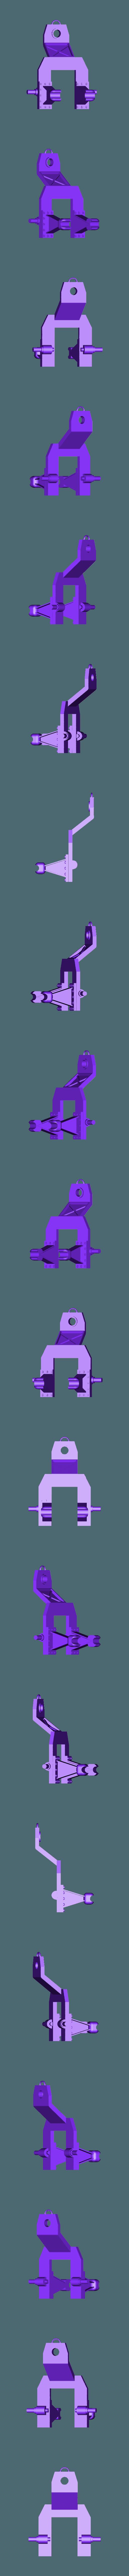 high_gun_carridge.stl Télécharger fichier STL gratuit Orc / ork Zapper / Zzzap gun 28mm wargames • Design pour impression 3D, redstarkits